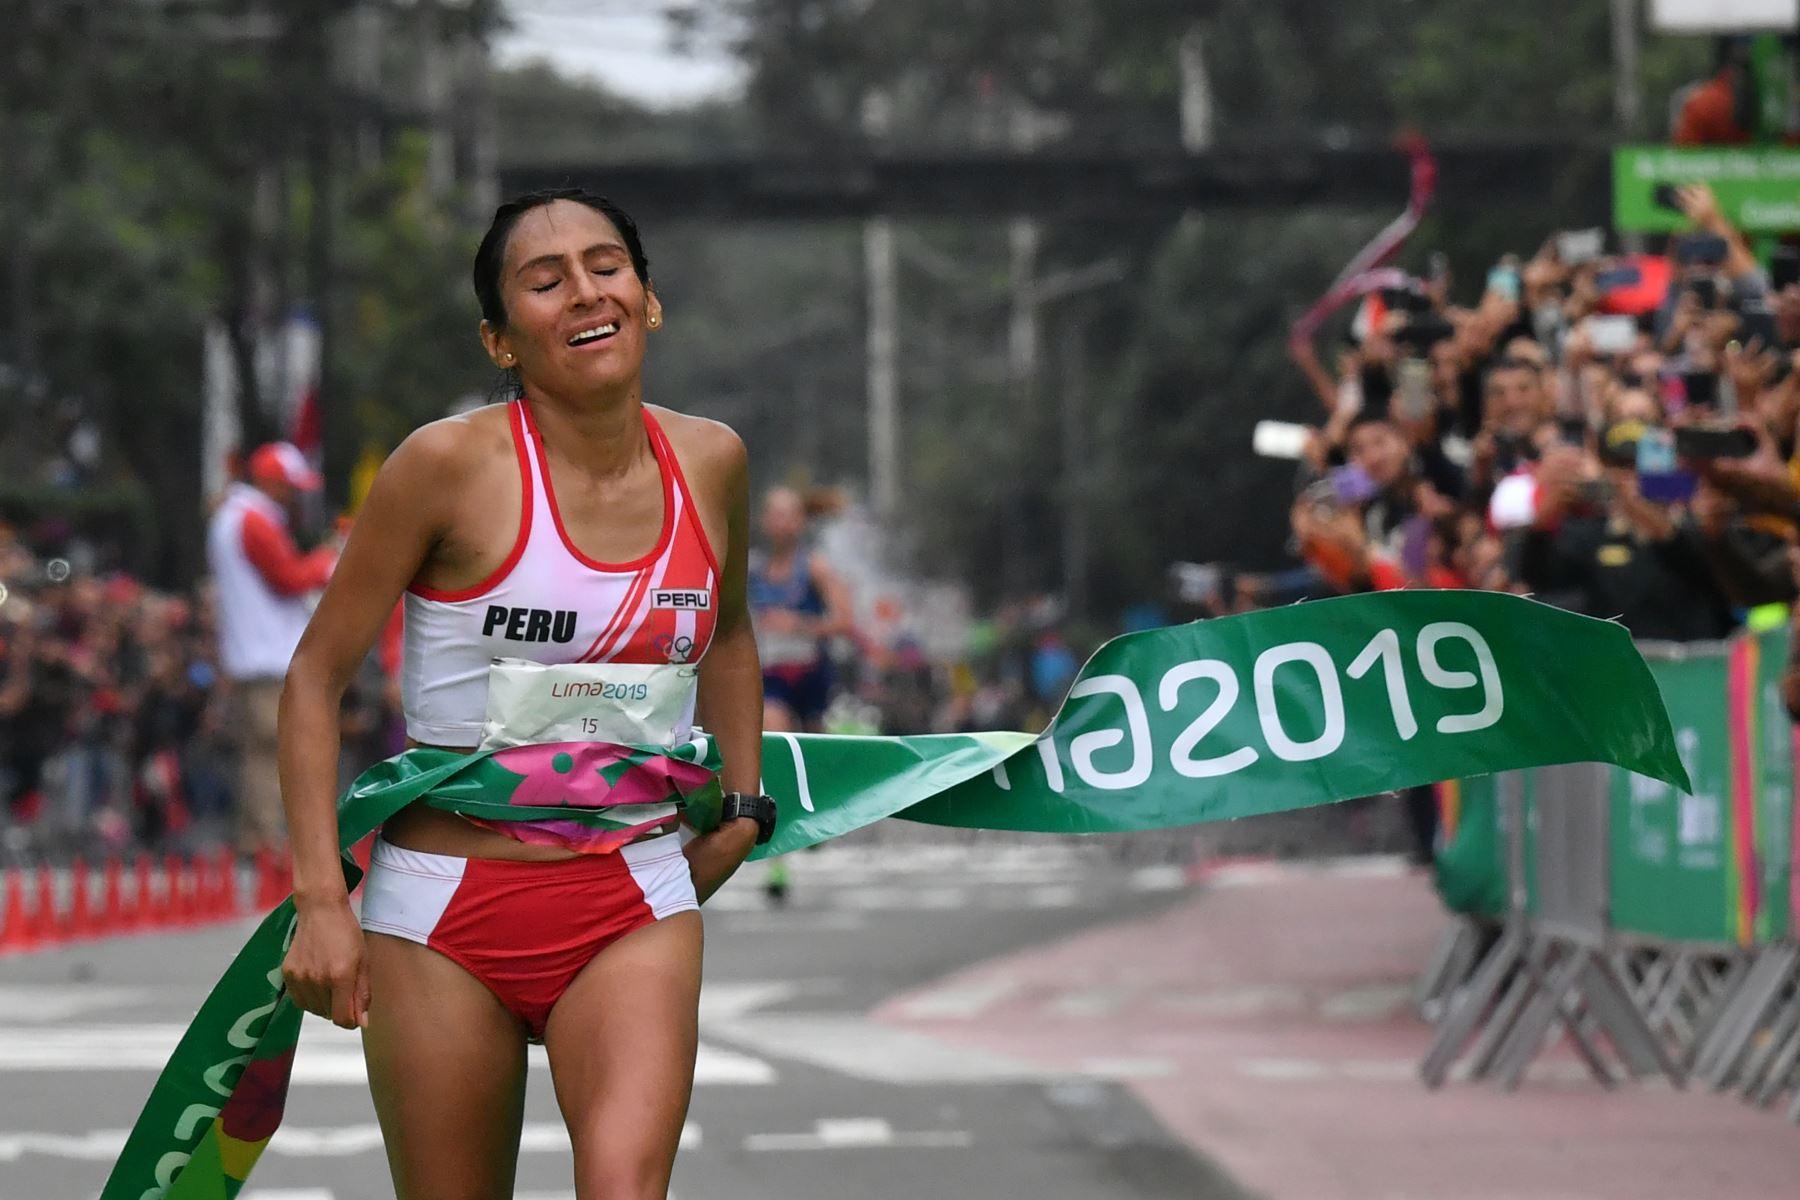 Gladys Tejeda, de Perú, gana la Maratón de mujeres en los Juegos Panamericanos Lima 2019 en Lima, Perú, el 27 de julio de 2019. Los Juegos Panamericanos duran hasta el 11 de agosto. AFP